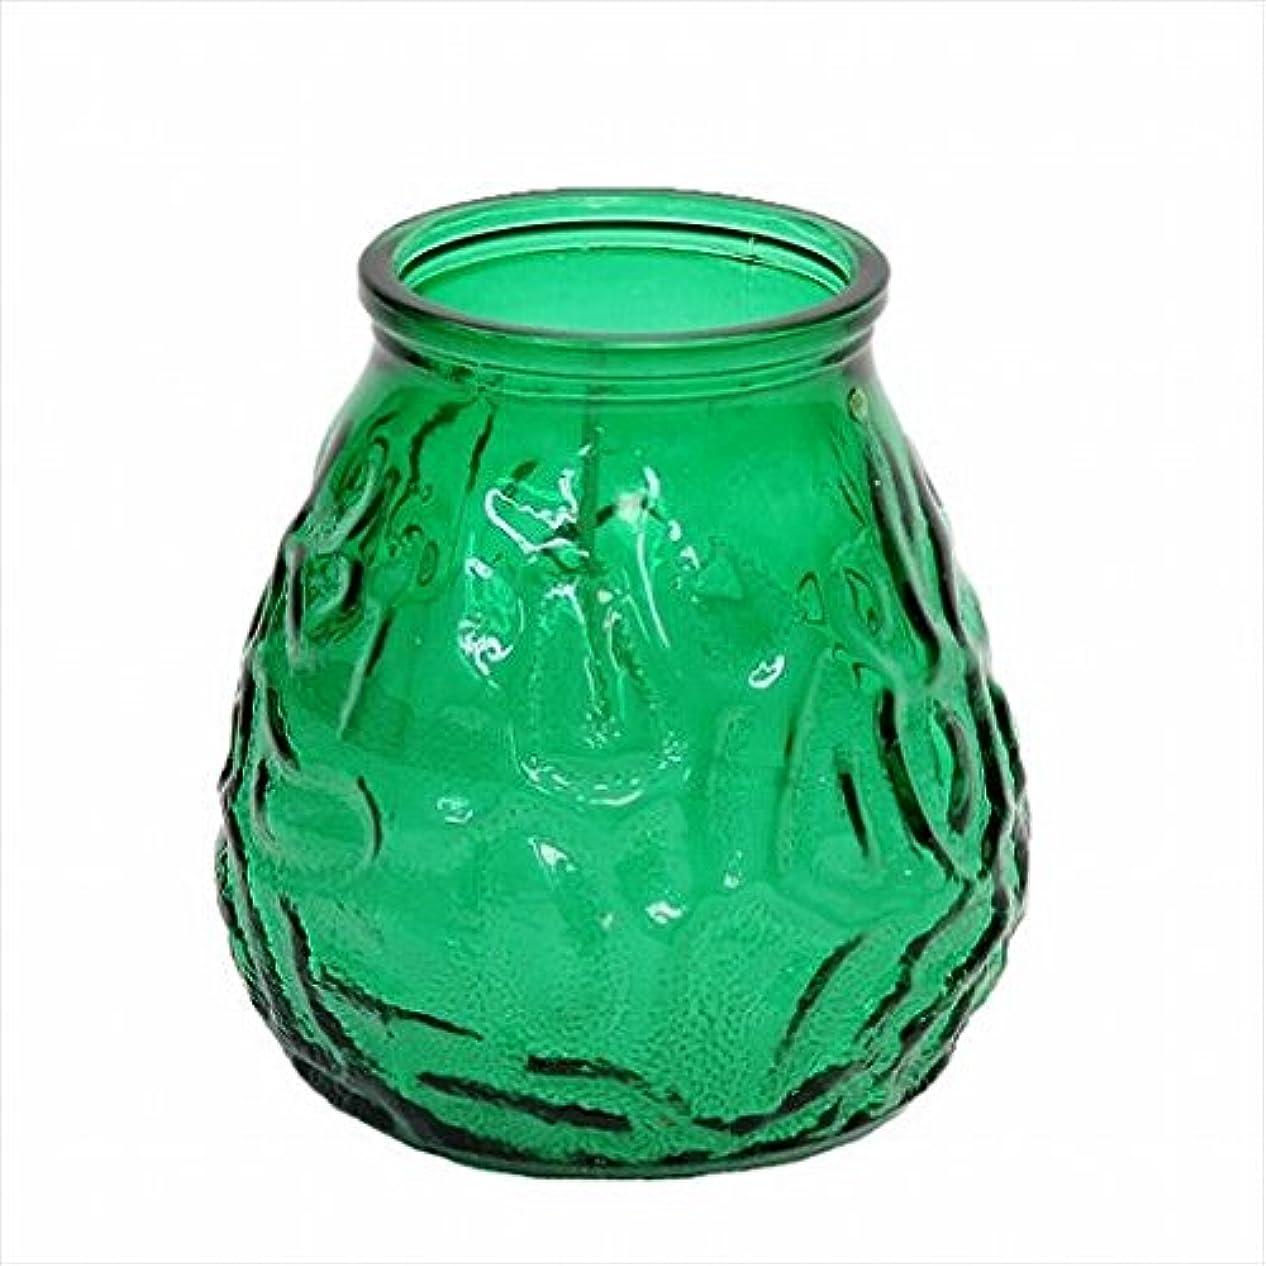 交通北ミュウミュウカメヤマキャンドル(kameyama candle) ネオベネチアン(ライトカラー) 「 グリーン 」